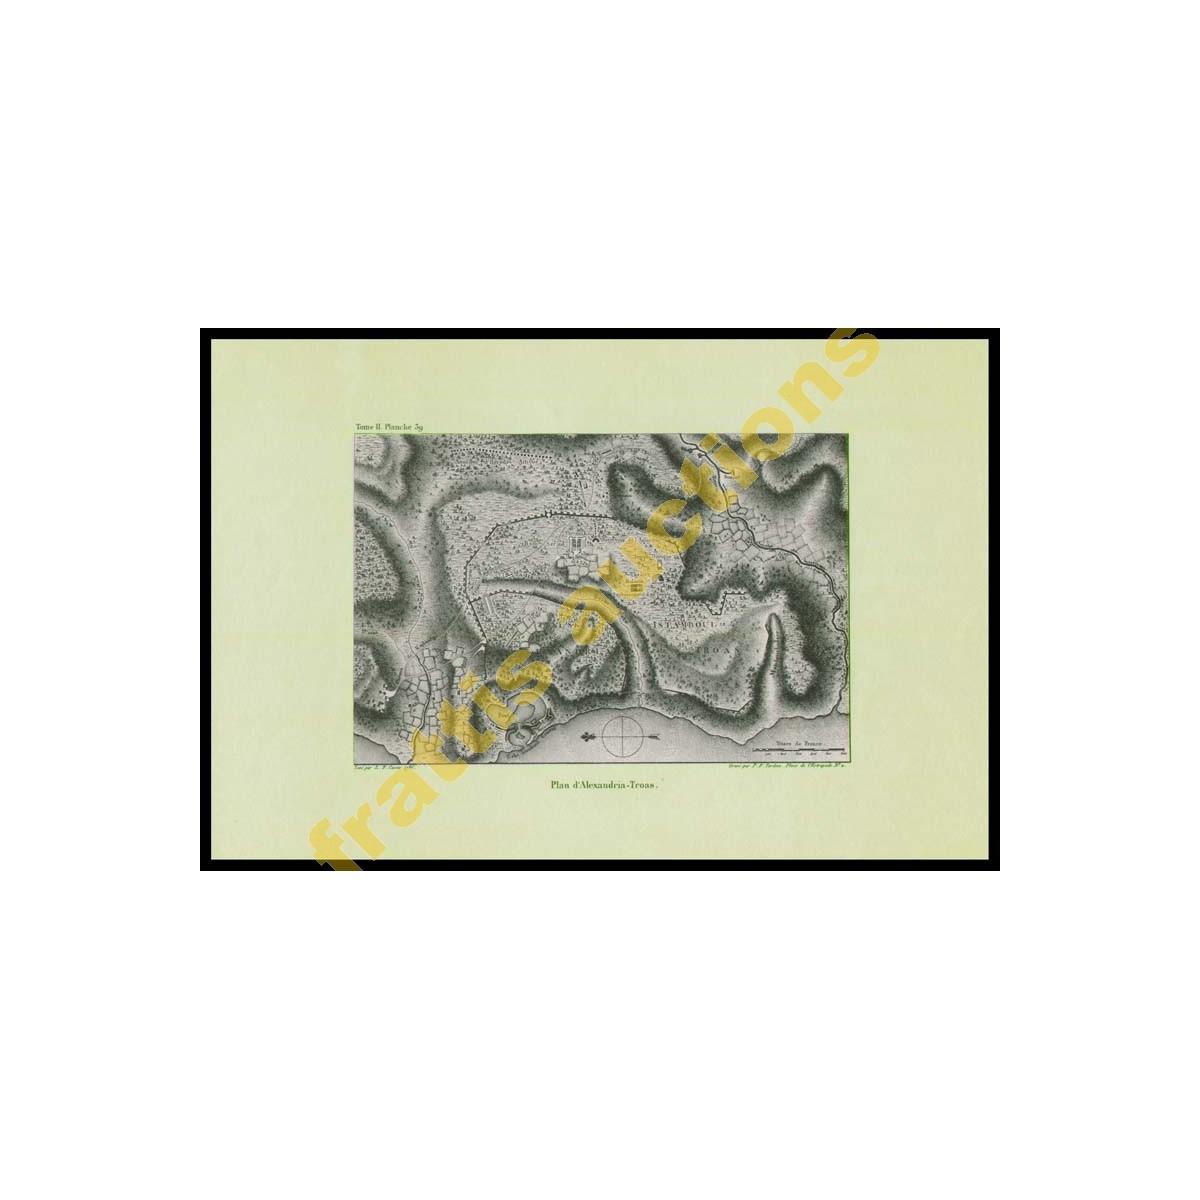 Σχέδιο της πόλης και του λιμανιού της Ρόδου , εκτύπωσις χαρακτικού.